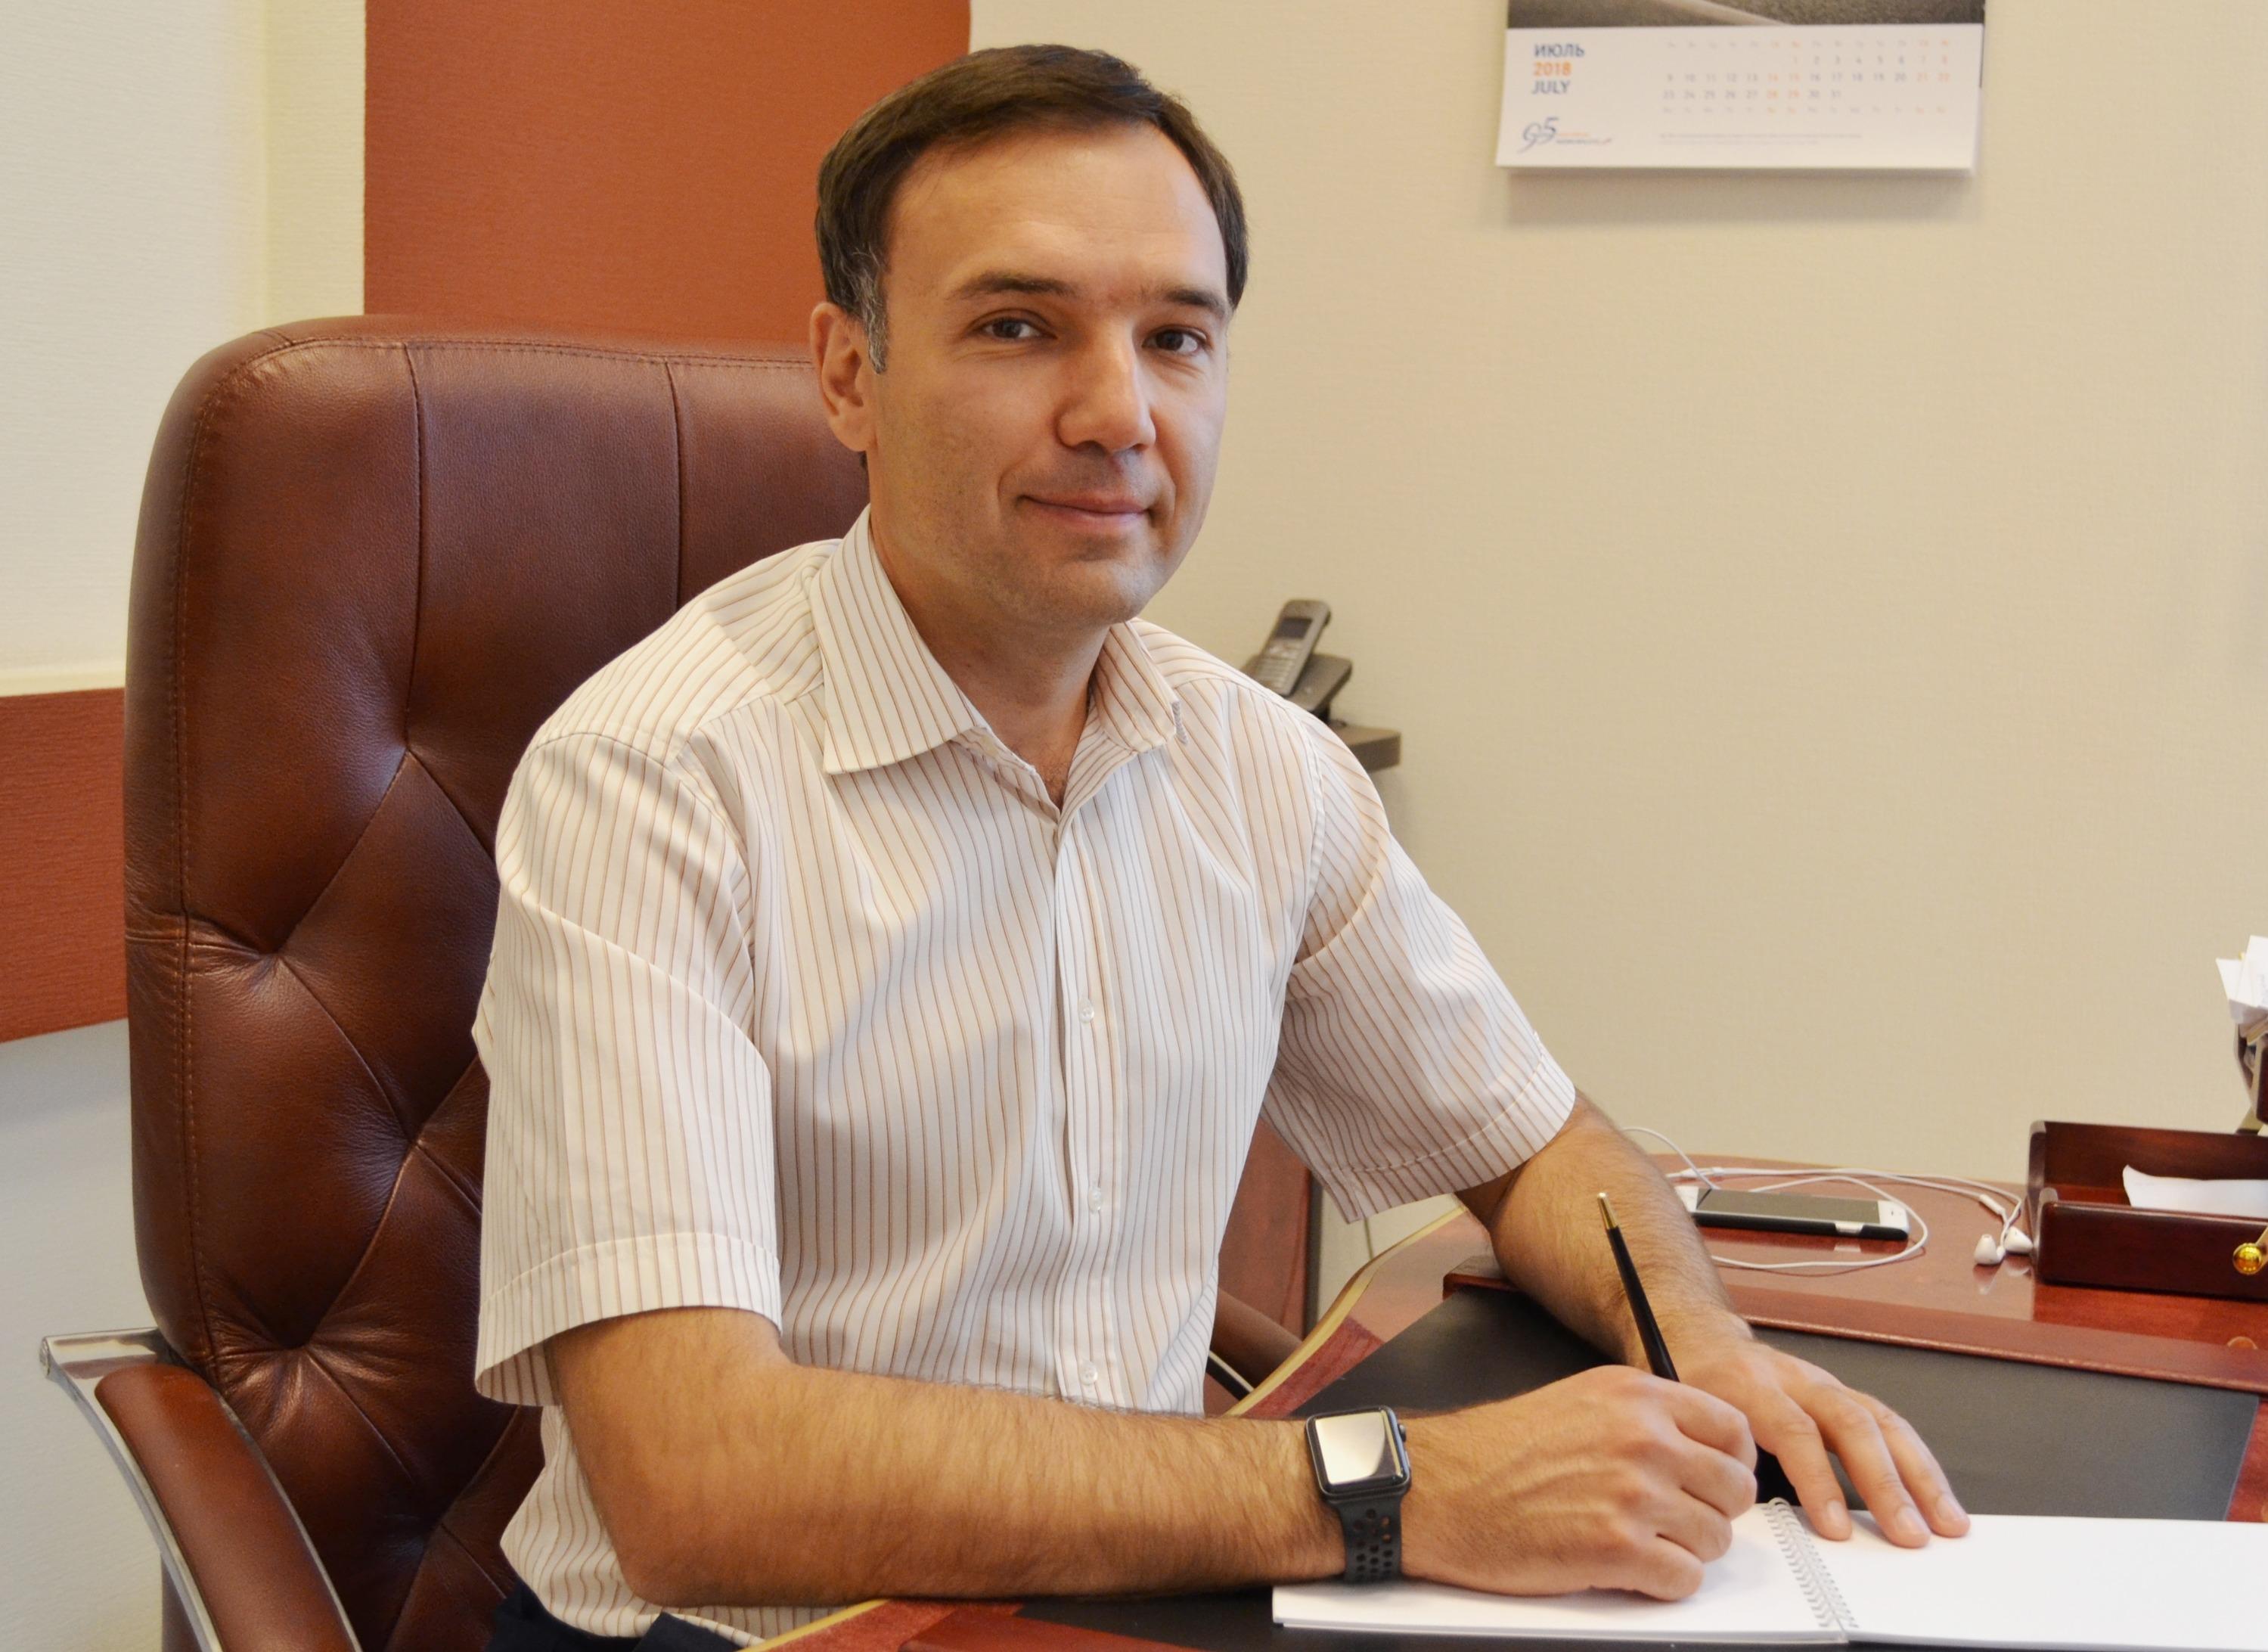 Василий Борщ сам продолжает пользоваться банковскими картами, несмотря на санкции